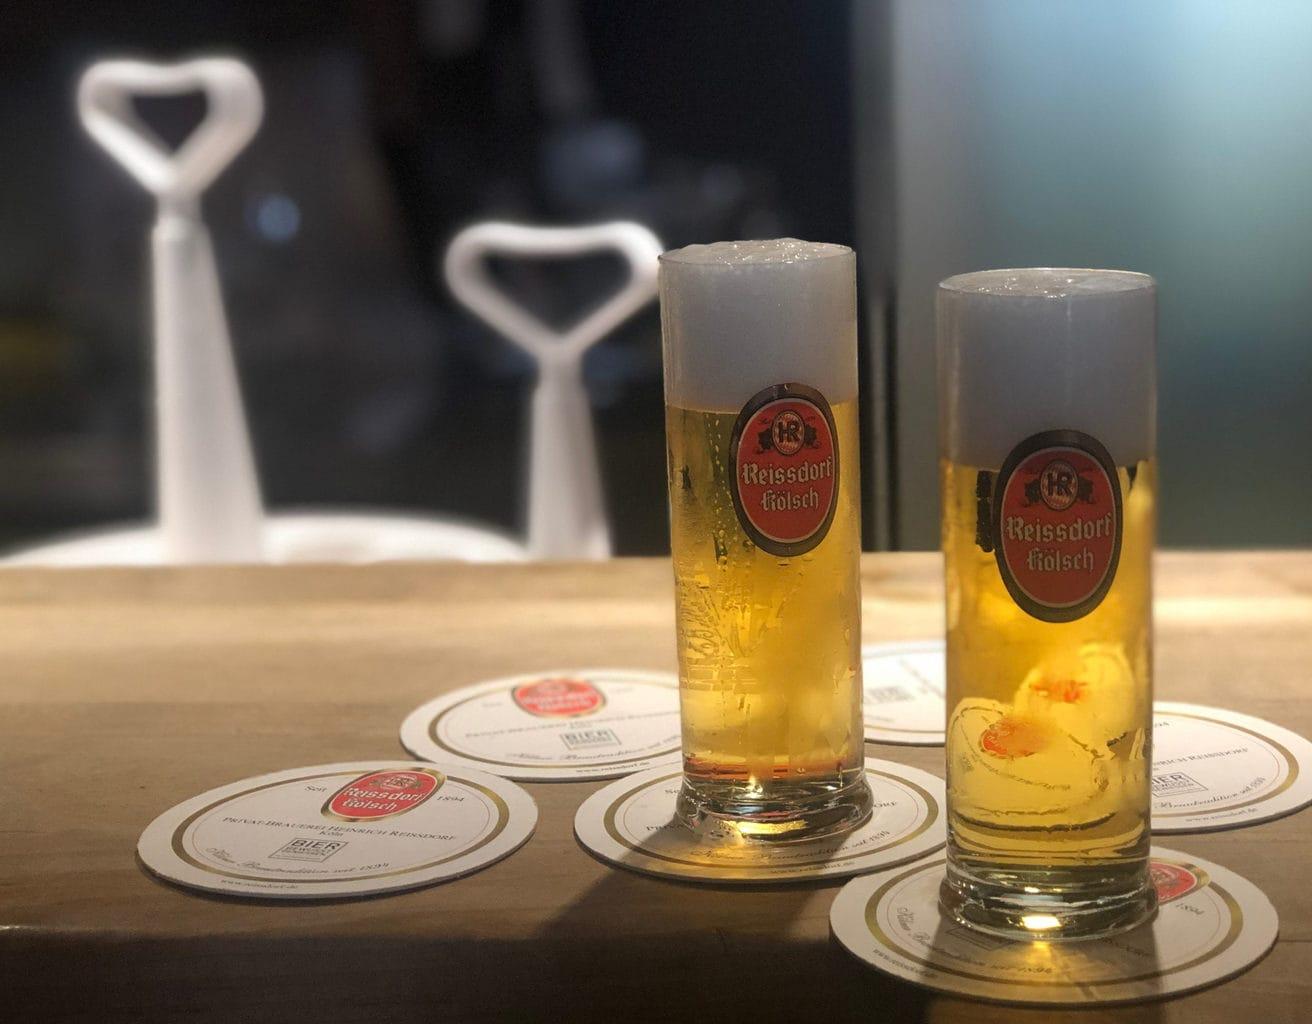 Twee glazen met Reissdorf Koelsch in Brouwerij Reissdorf am Griechenmarkt